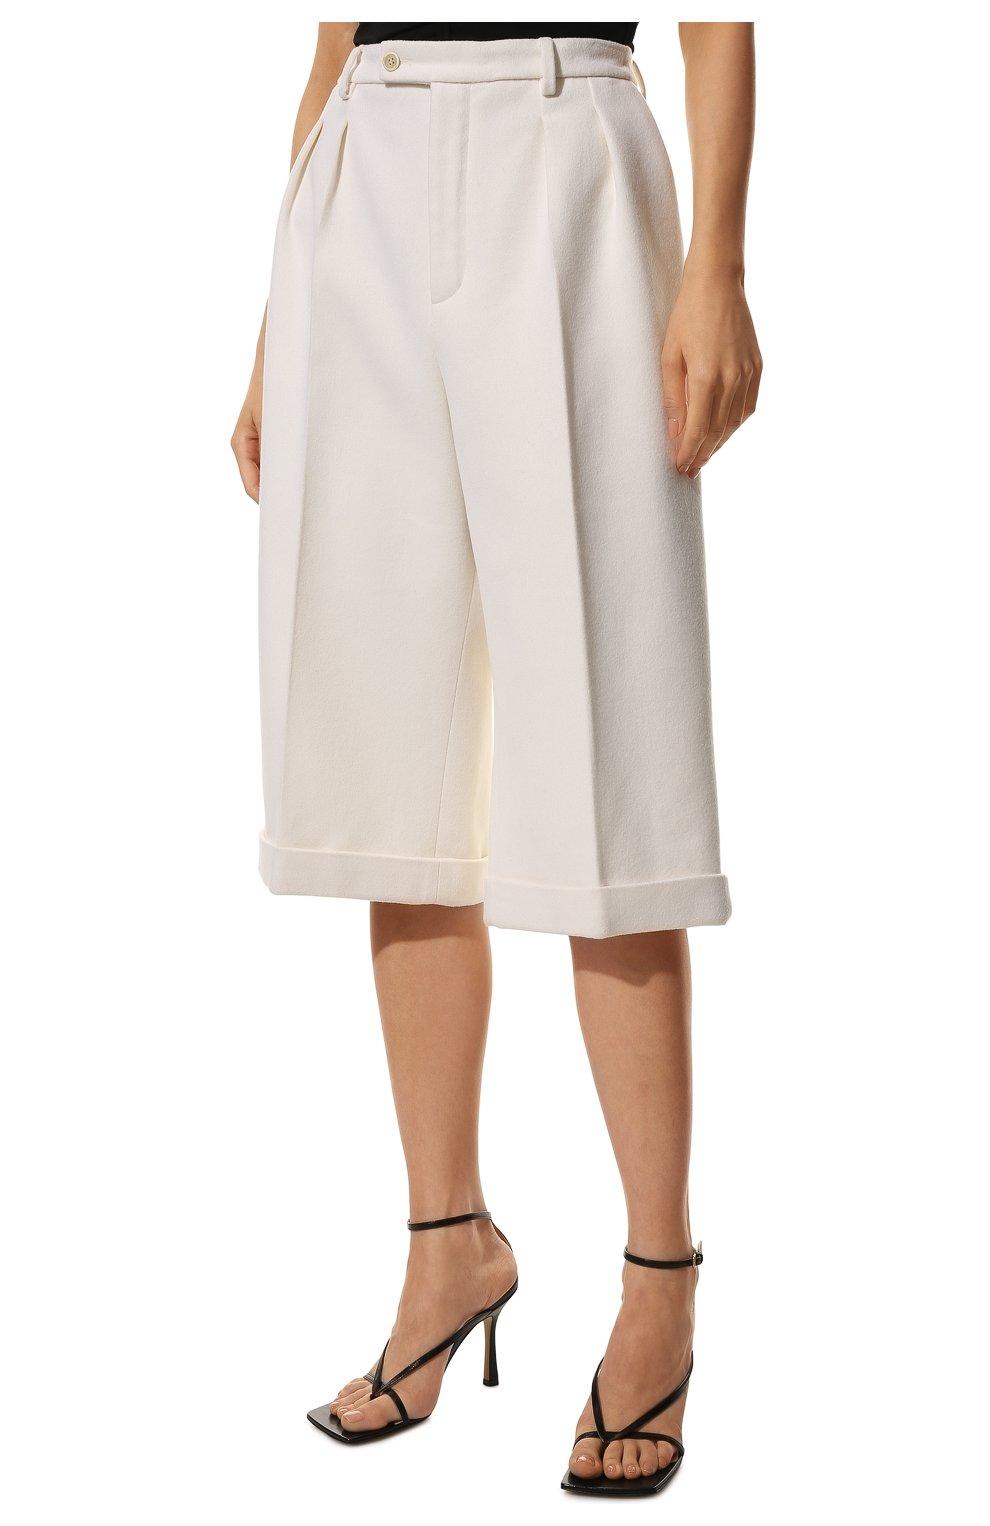 Женские шорты из шерсти и кашемира SAINT LAURENT белого цвета, арт. 640224/Y3B45 | Фото 3 (Женское Кросс-КТ: Шорты-одежда; Материал внешний: Шерсть; Кросс-КТ: Широкие; Длина Ж (юбки, платья, шорты): До колена; Материал подклада: Шелк; Стили: Кэжуэл)